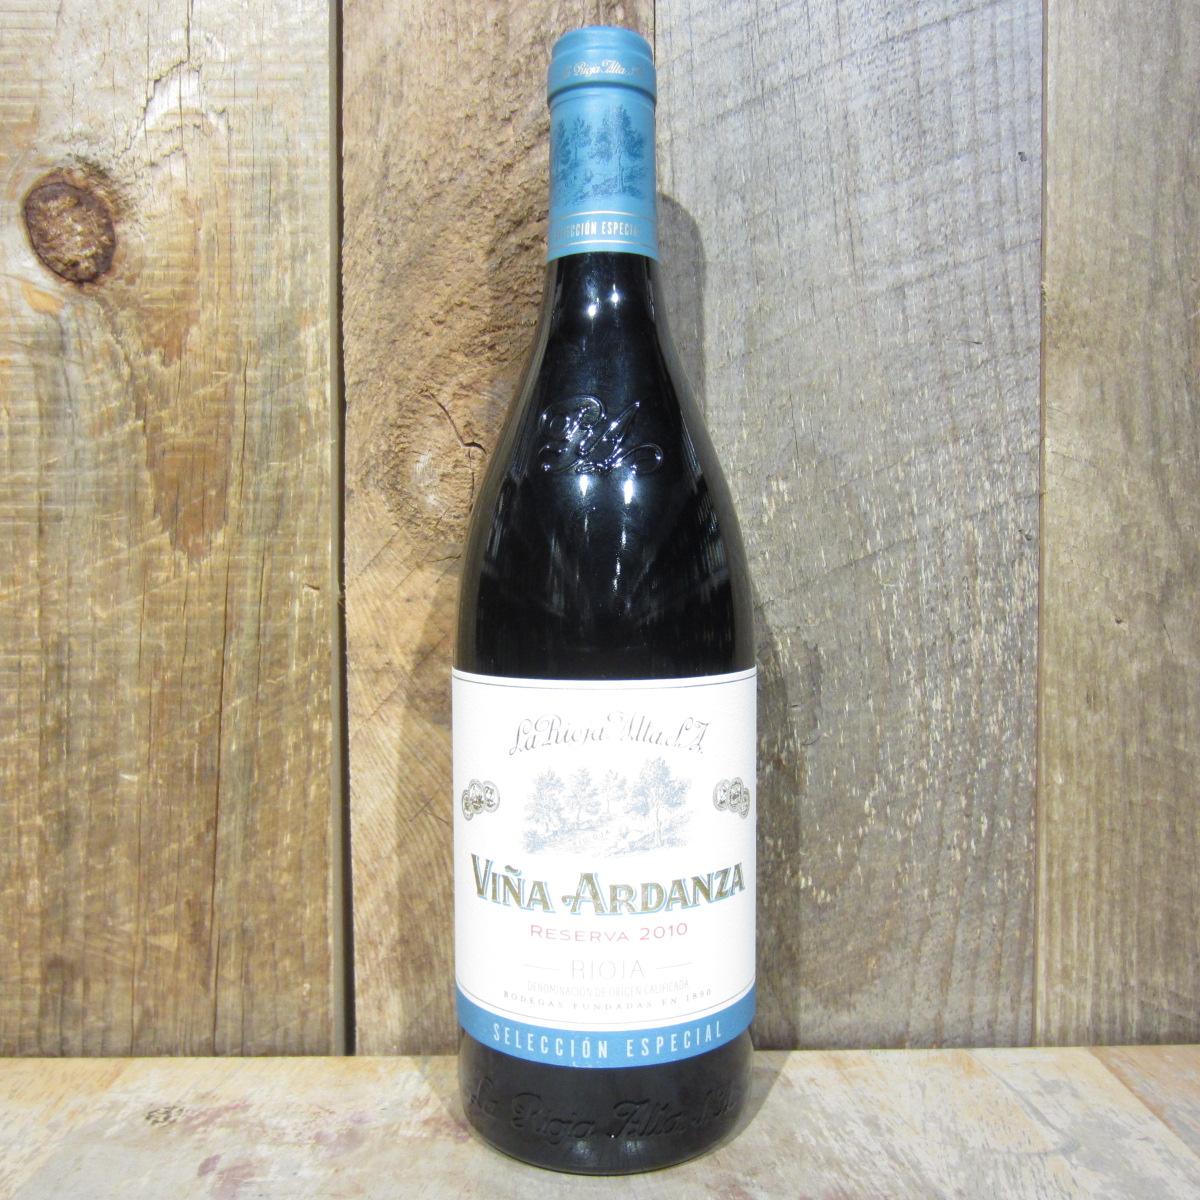 La Rioja Alta Rioja Vina Ardanza Reserva Seleccion Especial 2010 750ml